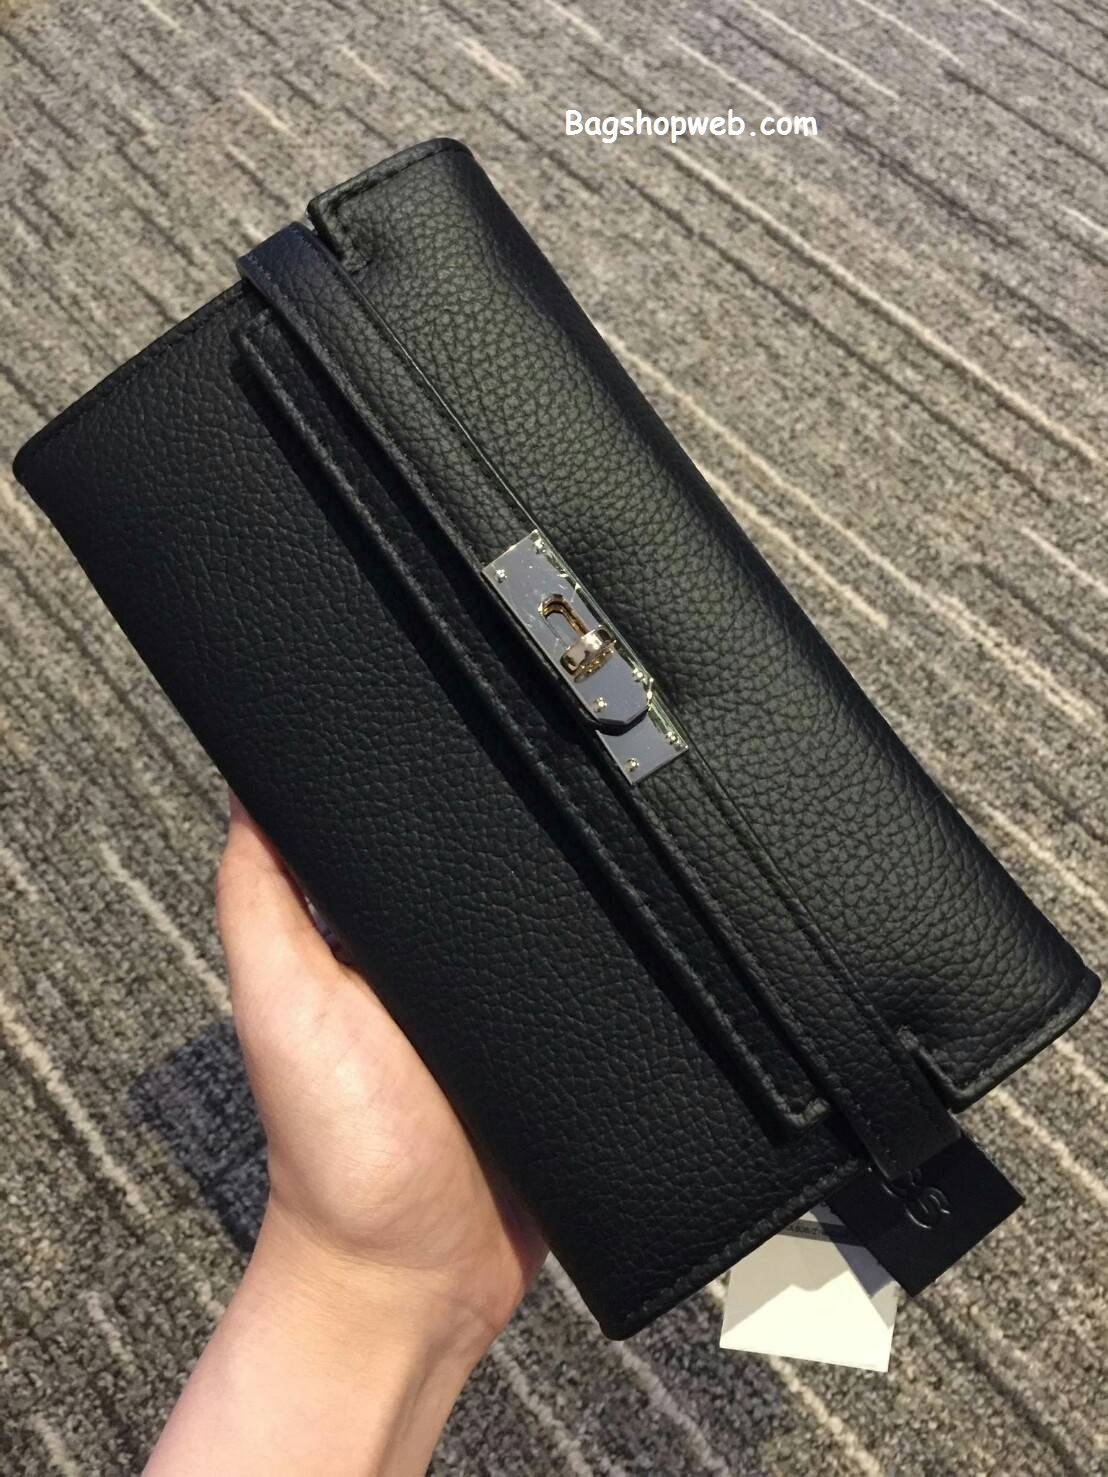 กระเป๋า MARCS PADLOCK LONG WALLET 2017 สีดำ ราคา 990 บาท Free Ems